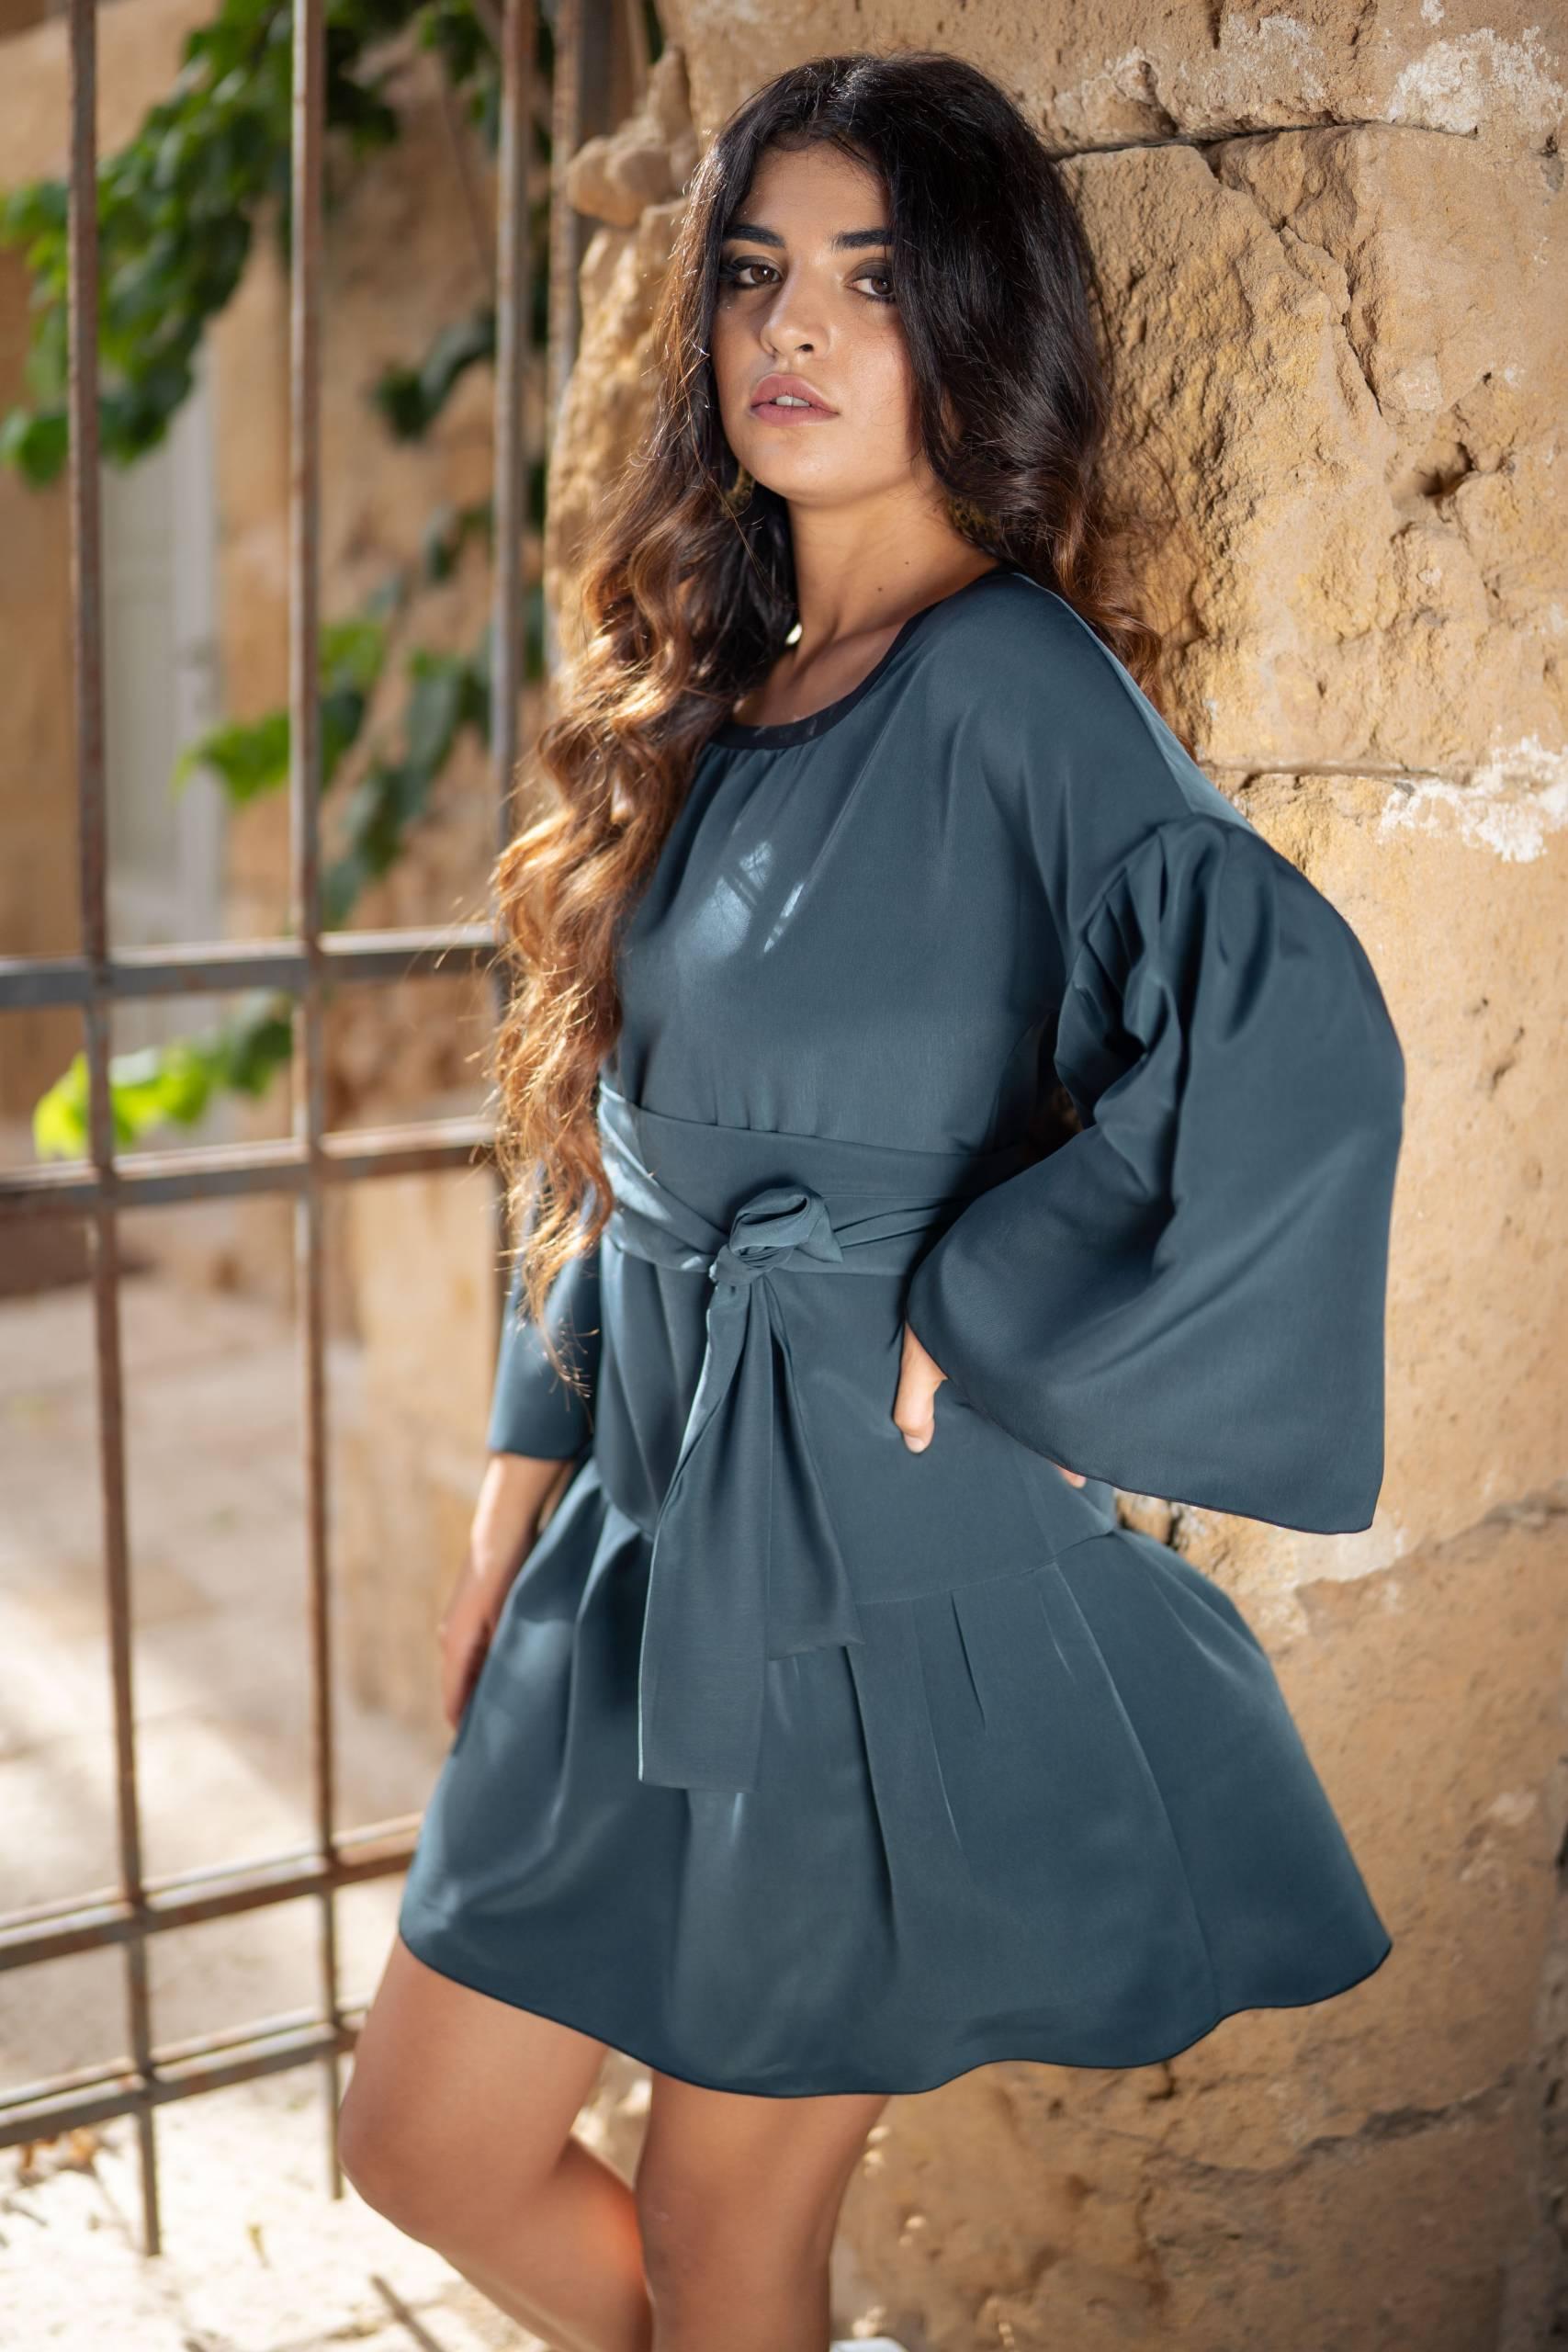 Fashion Abiti Donna madeinItaly sicilia Online Collezione Autunno Inverno 2021 Elio Fronterre Limited Edition Remix 2 scaled